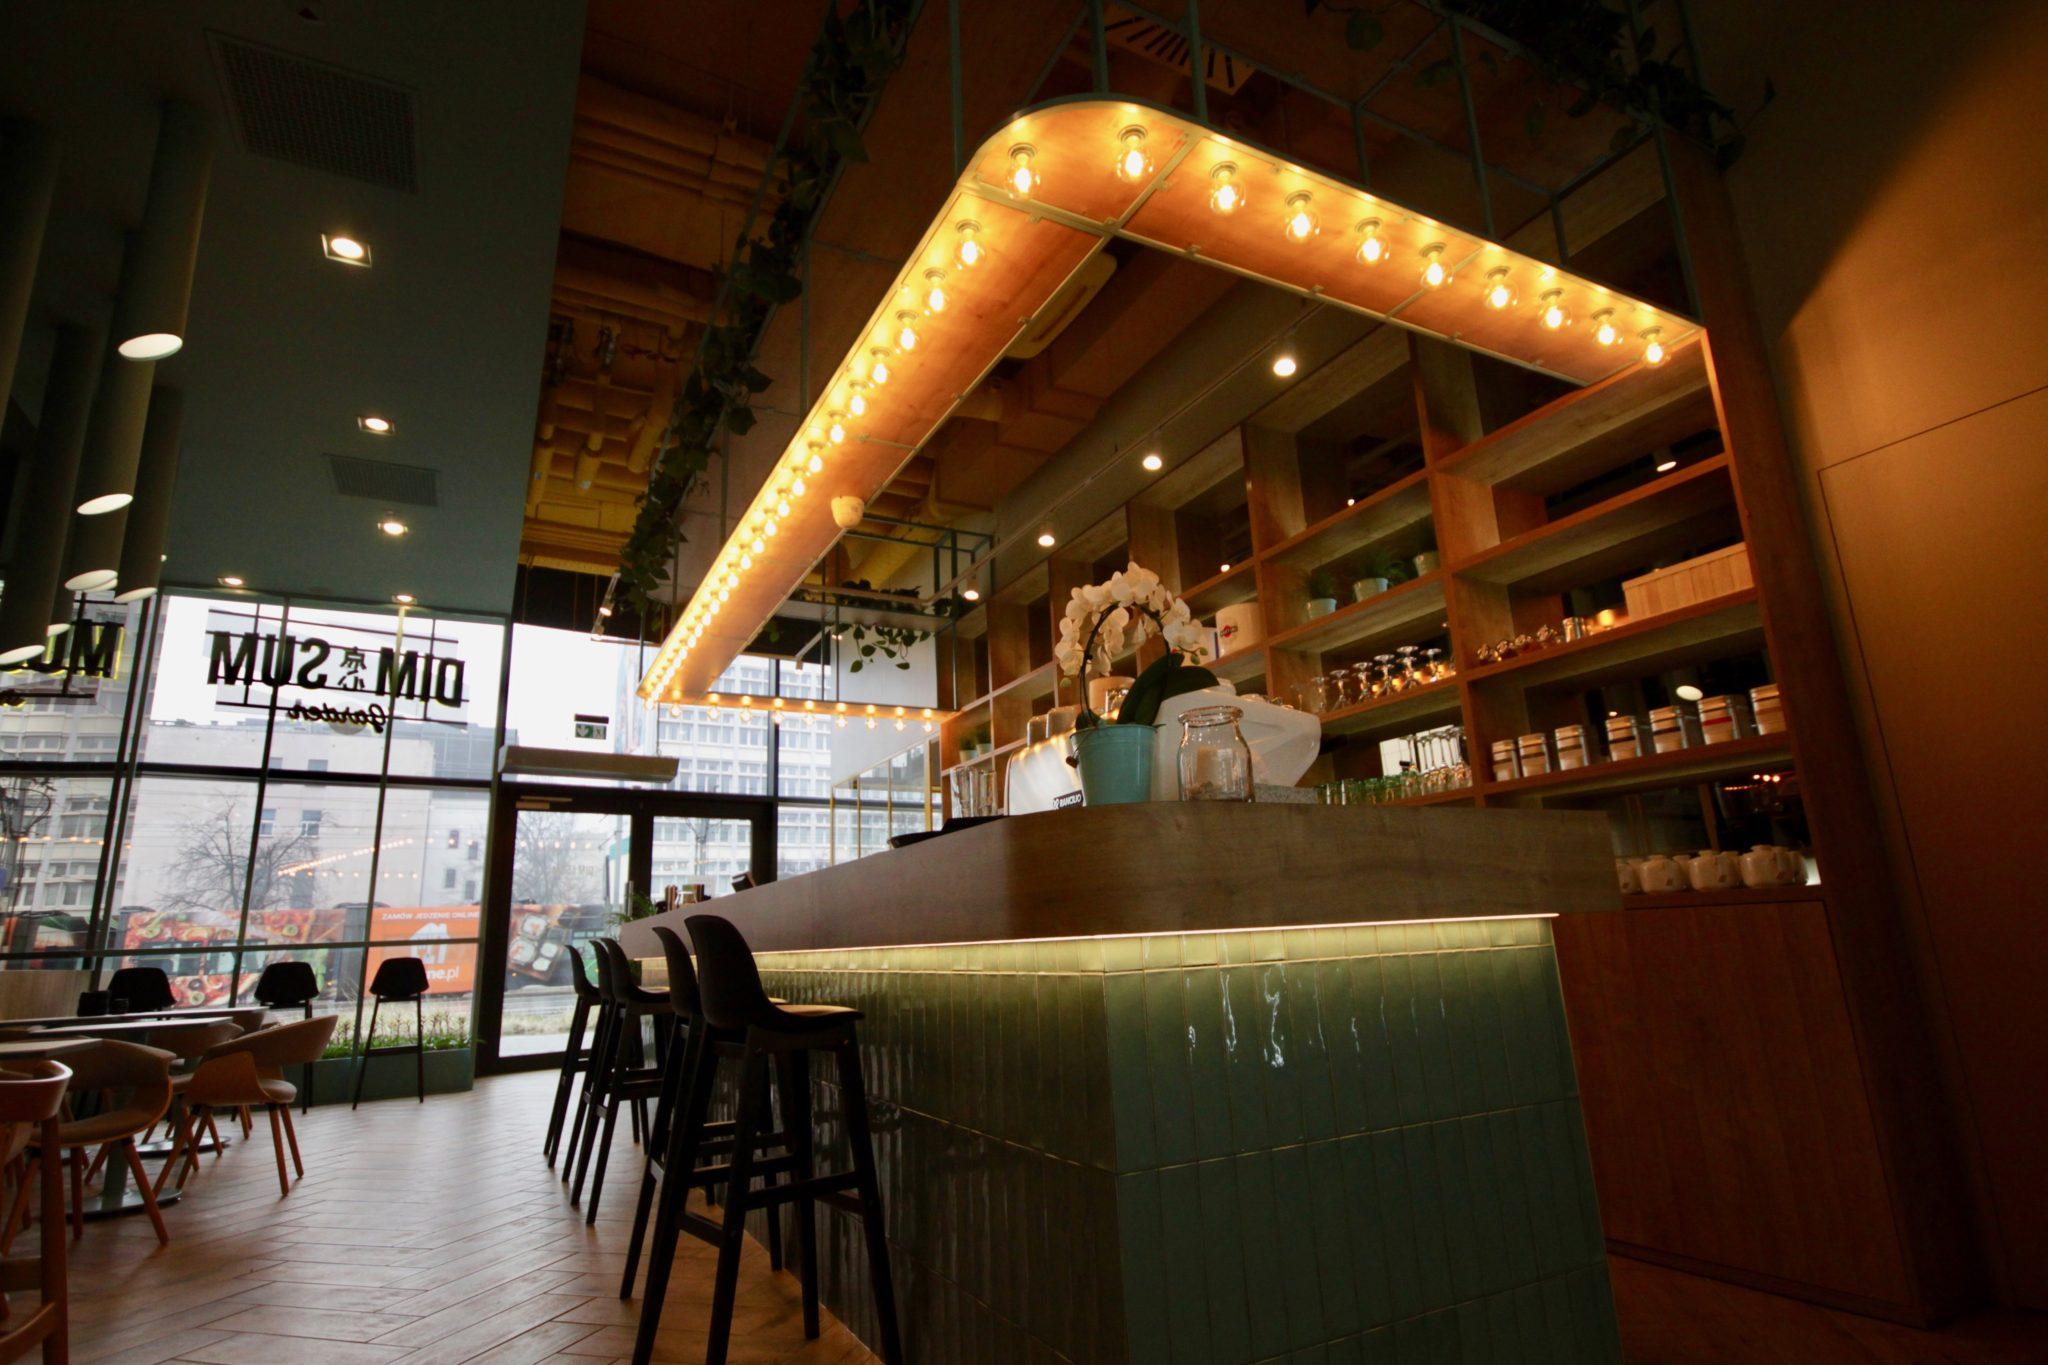 meble do restauracji , restaurant furniture, wyposażenie wnętrz komercyjnych, kompleksowe wyposażenie restauracjimeble do restauracji , restaurant furniture, wyposażenie wnętrz komercyjnych, kompleksowe wyposażenie restauracji